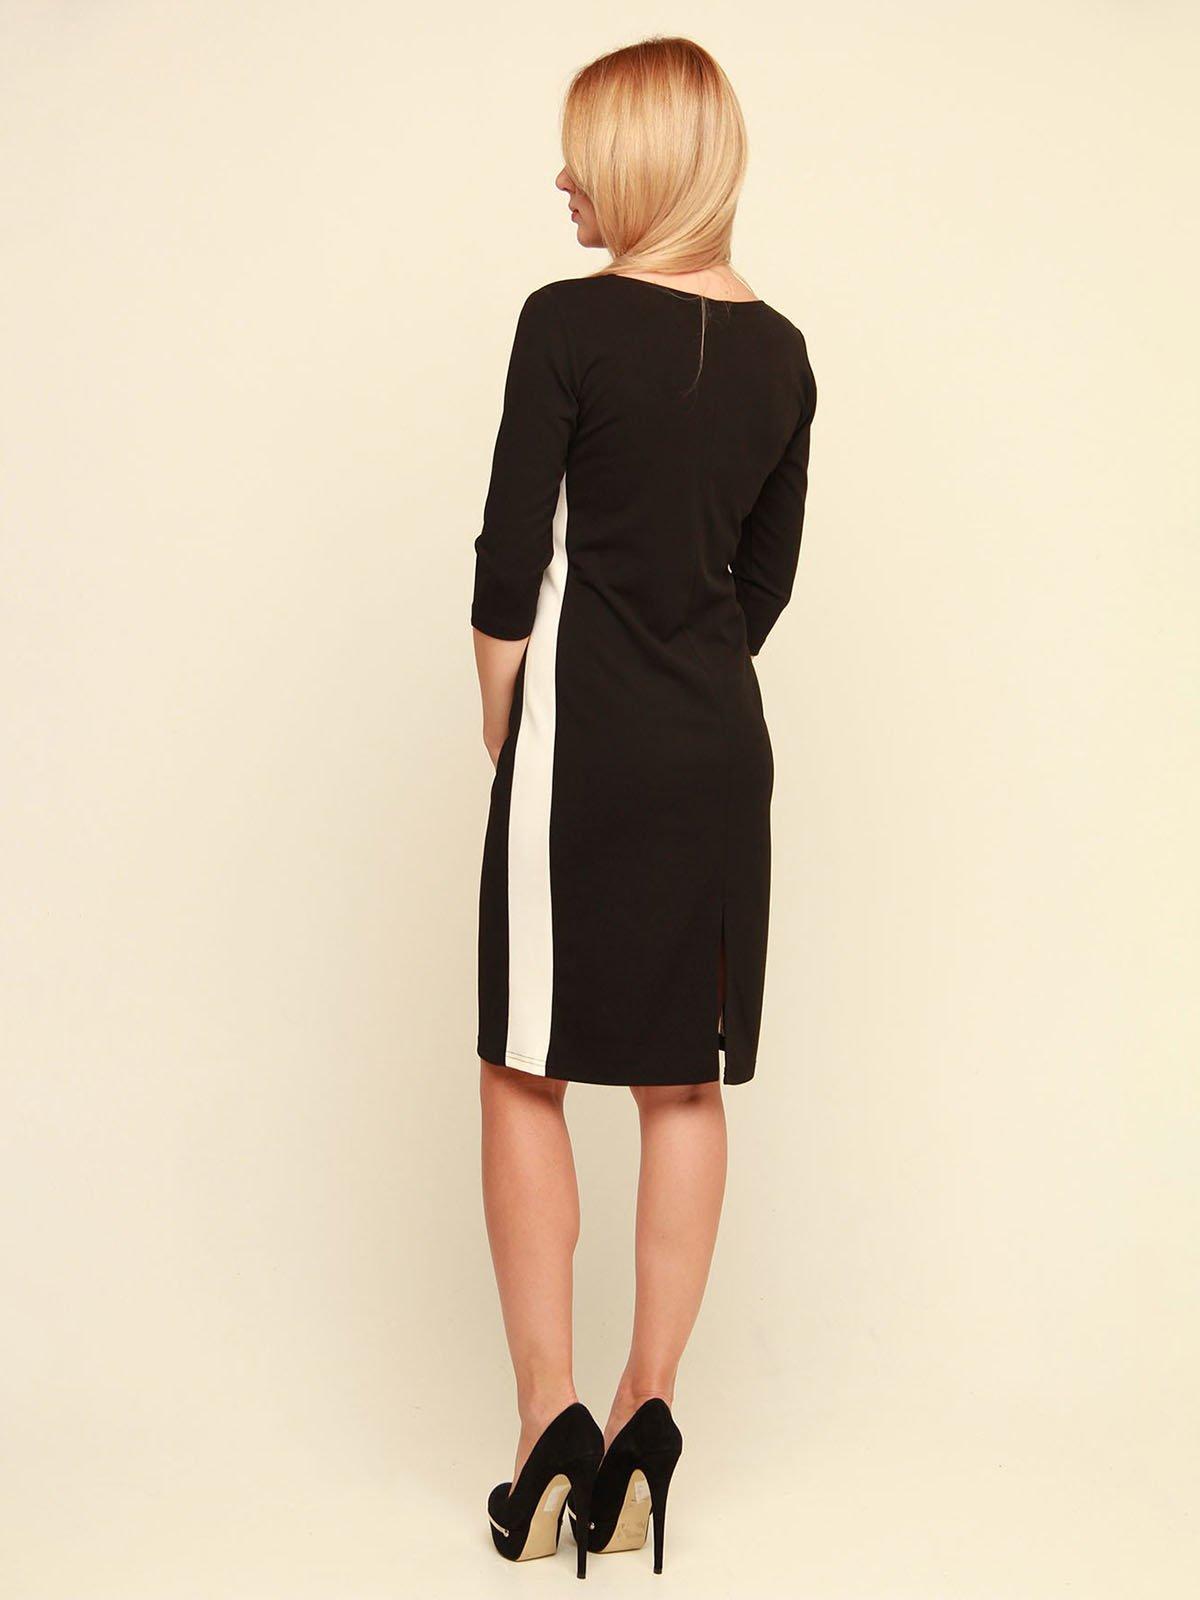 Сукня чорно-біла | 3710818 | фото 4